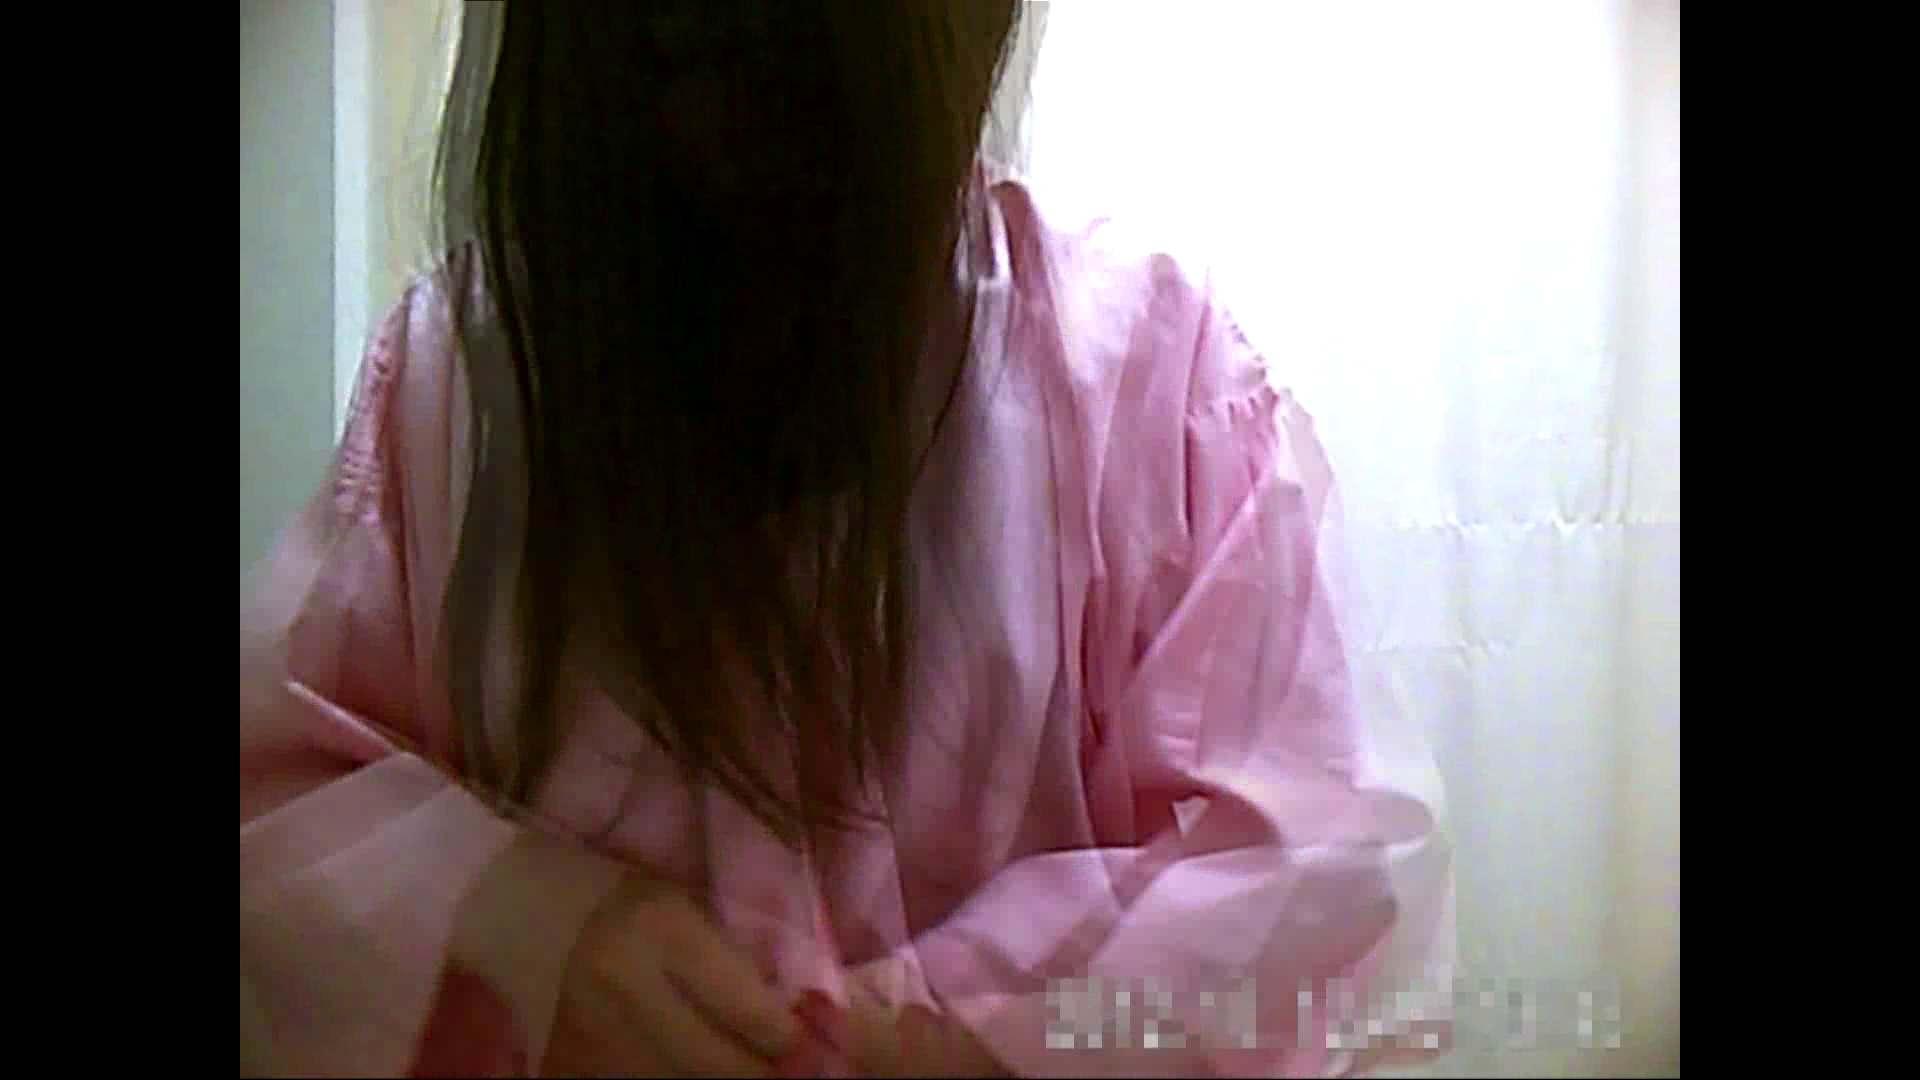 元医者による反抗 更衣室地獄絵巻 vol.061 OLハメ撮り  91Pix 2